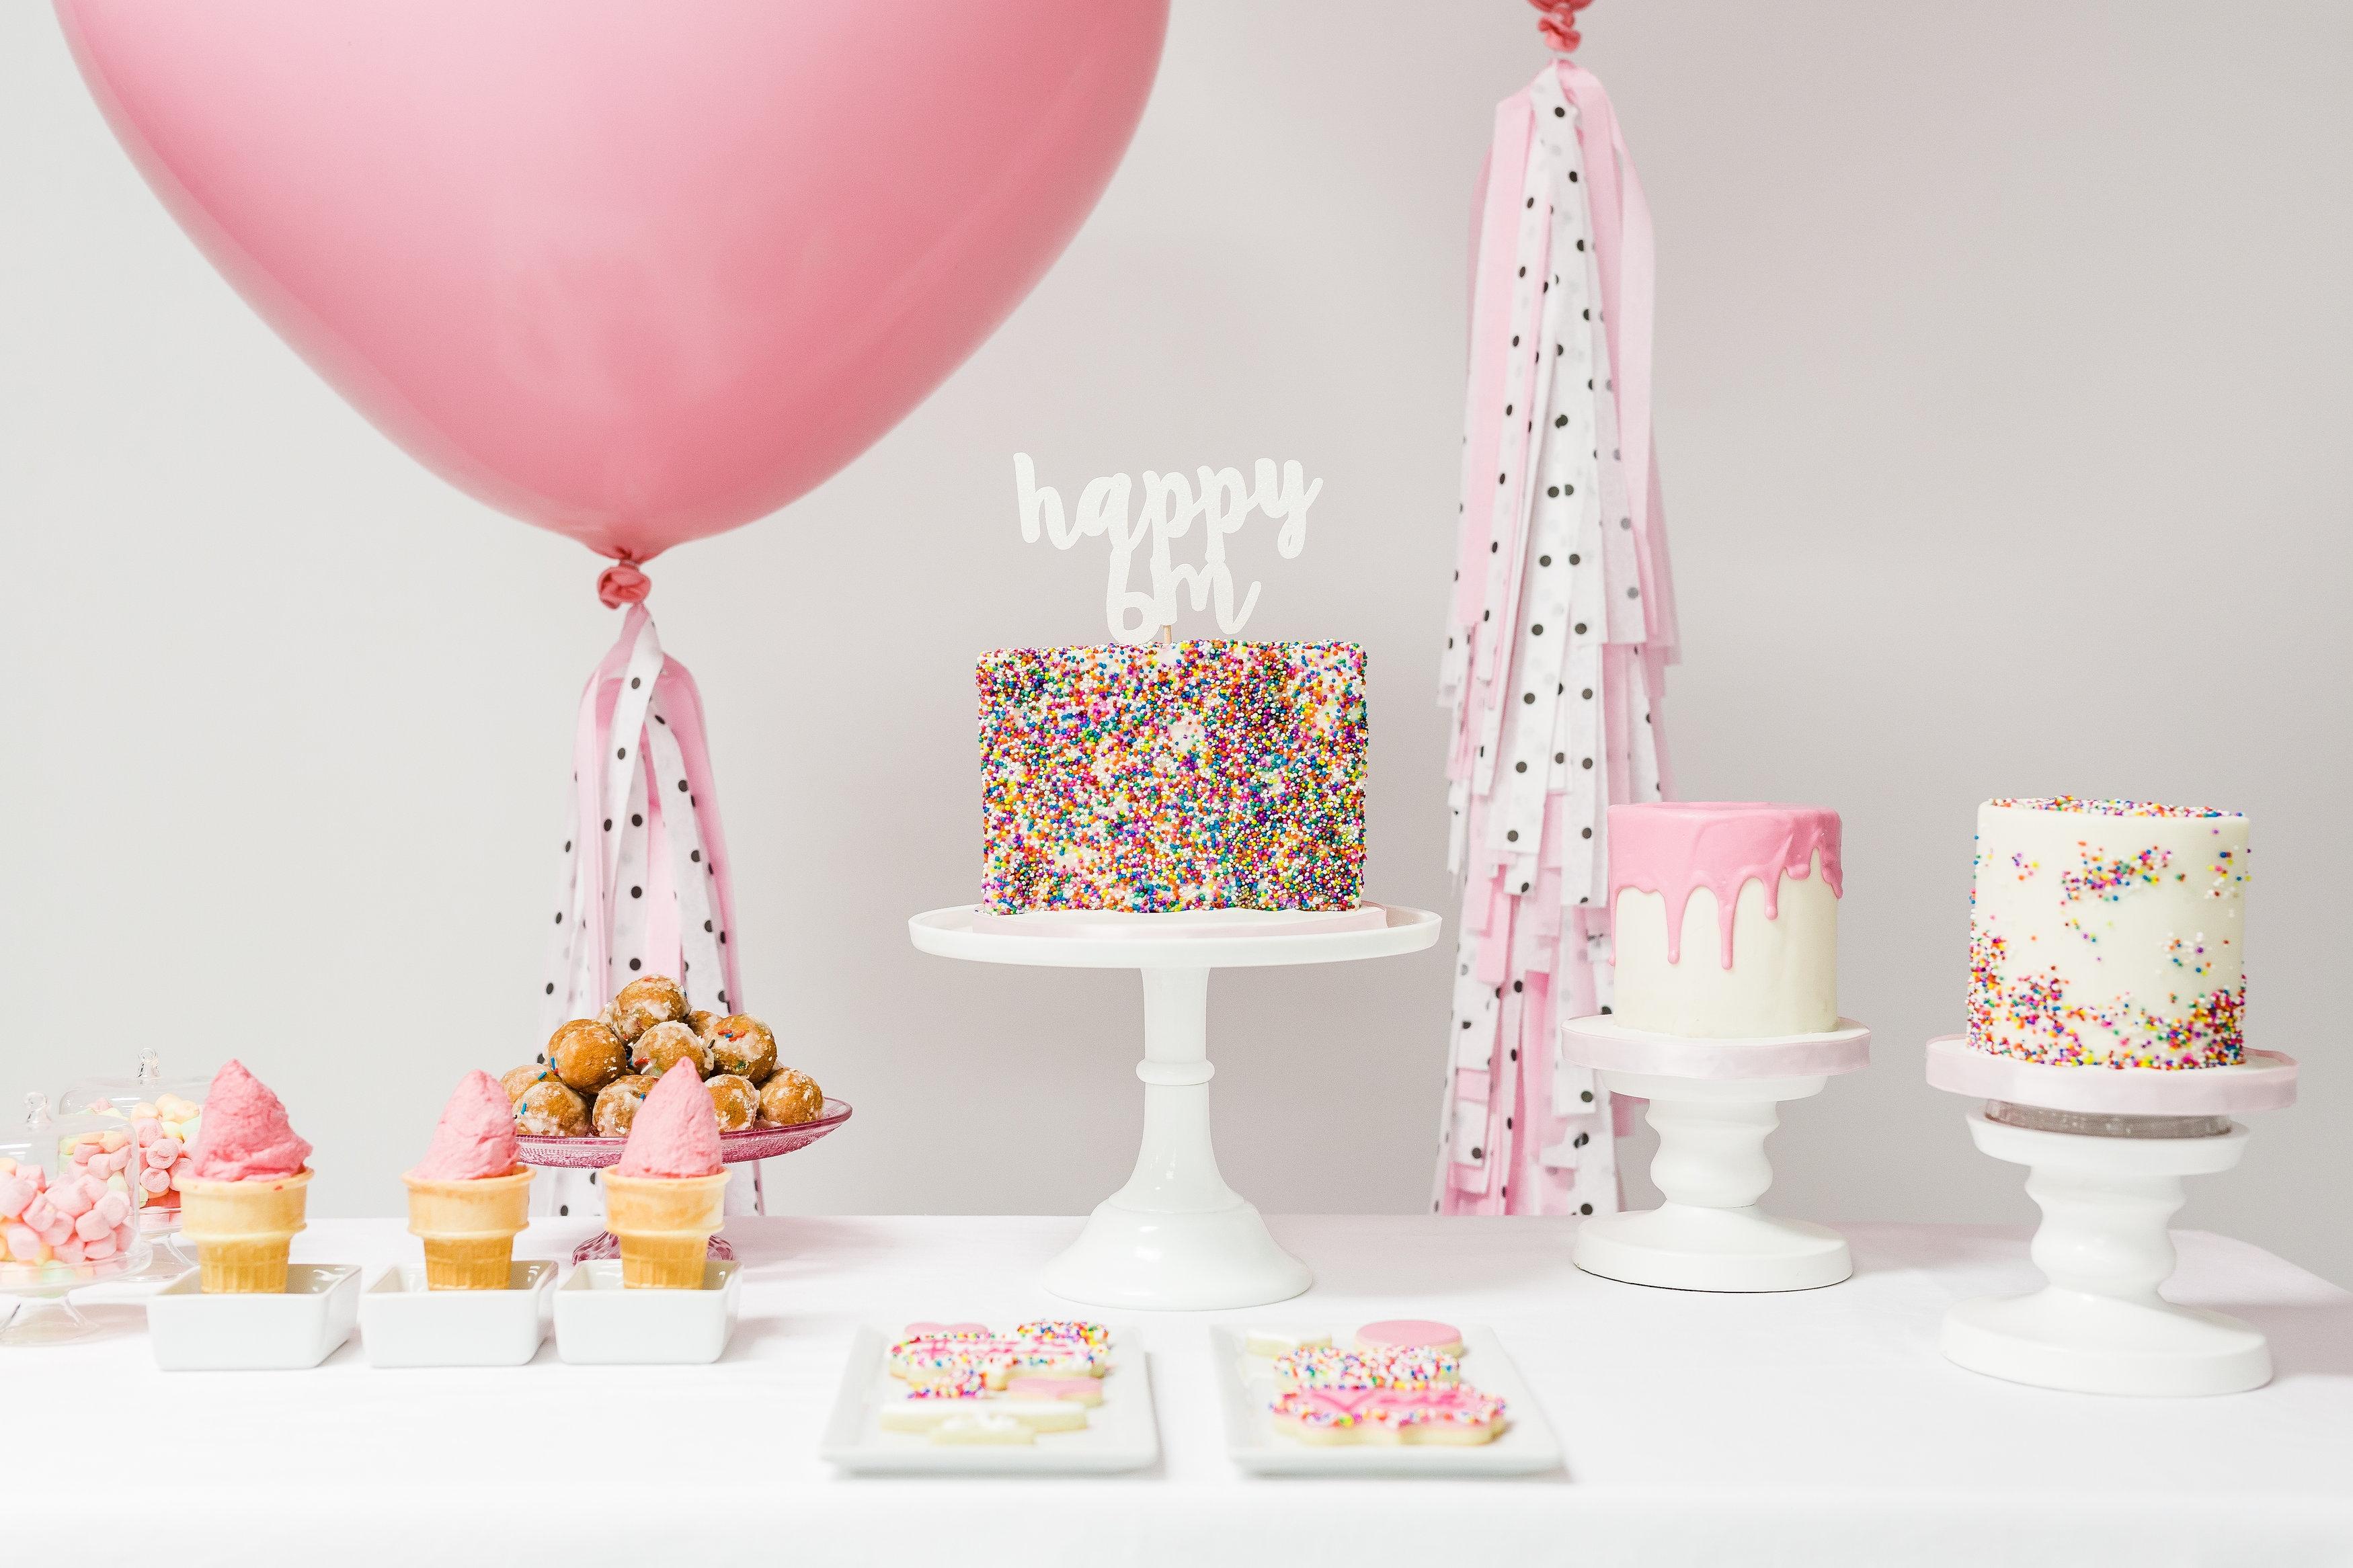 900_sprinkle-cakes-937512sWbAl.jpg